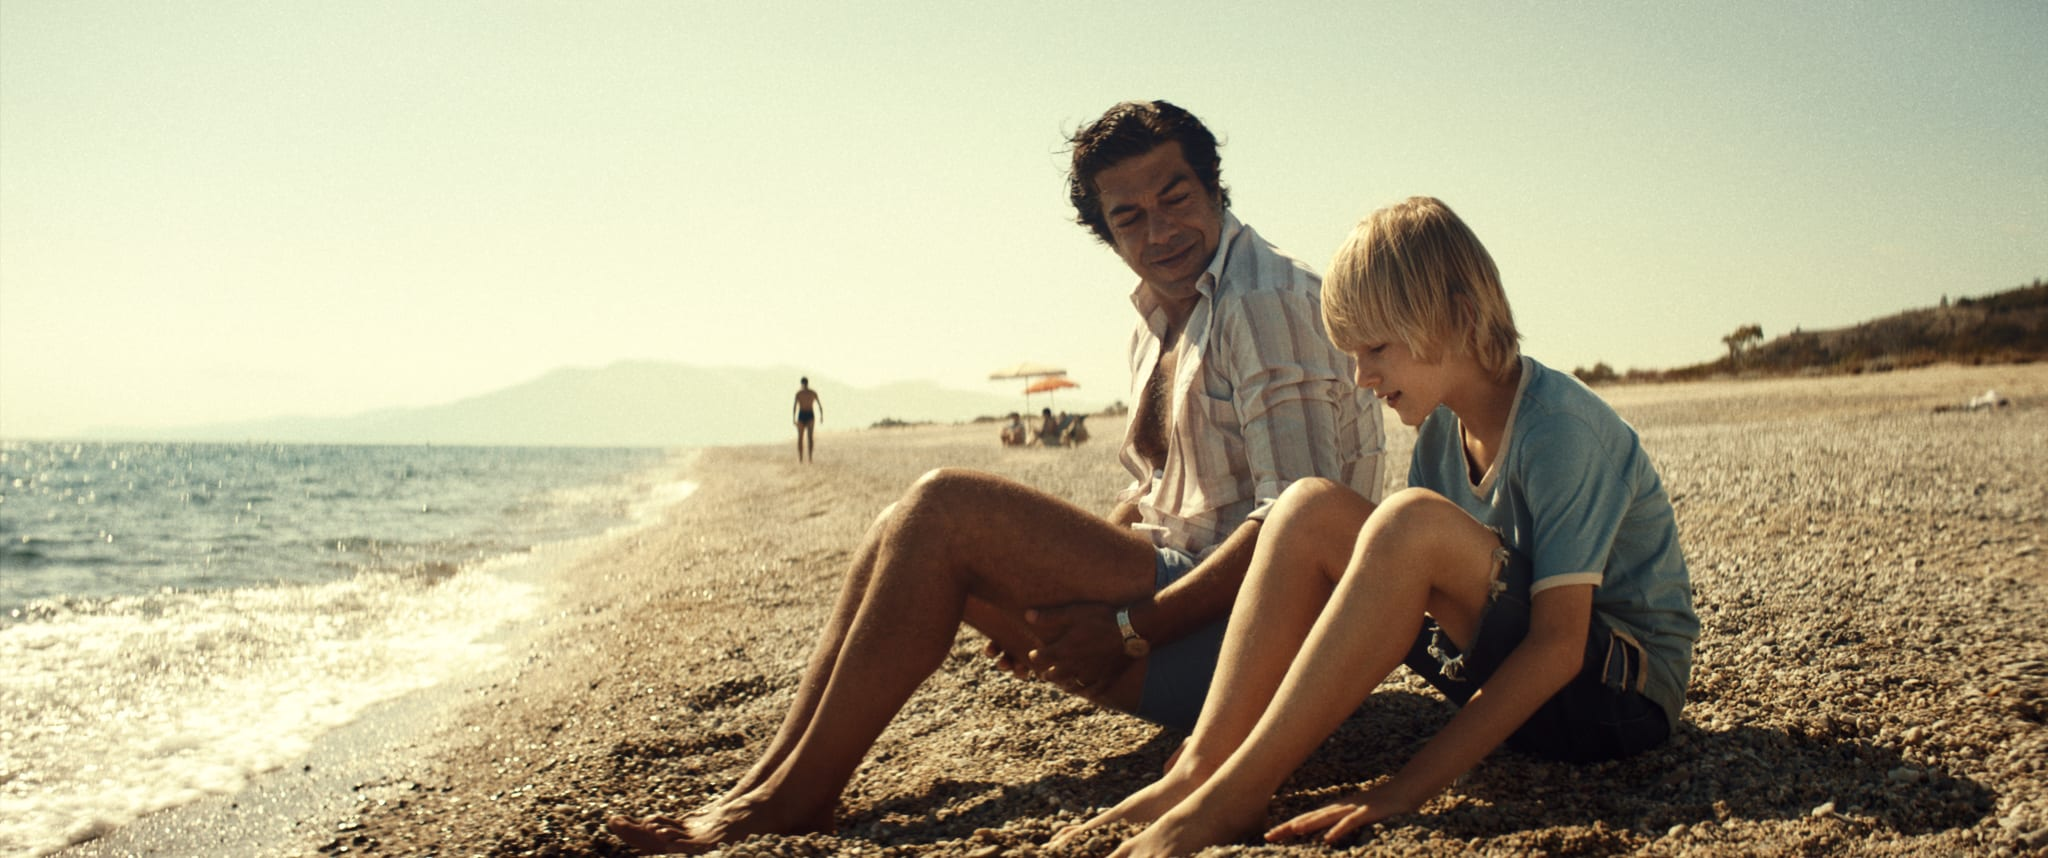 Padrenostro, la recensione del primo film italiano presentato al concorso di Venezia